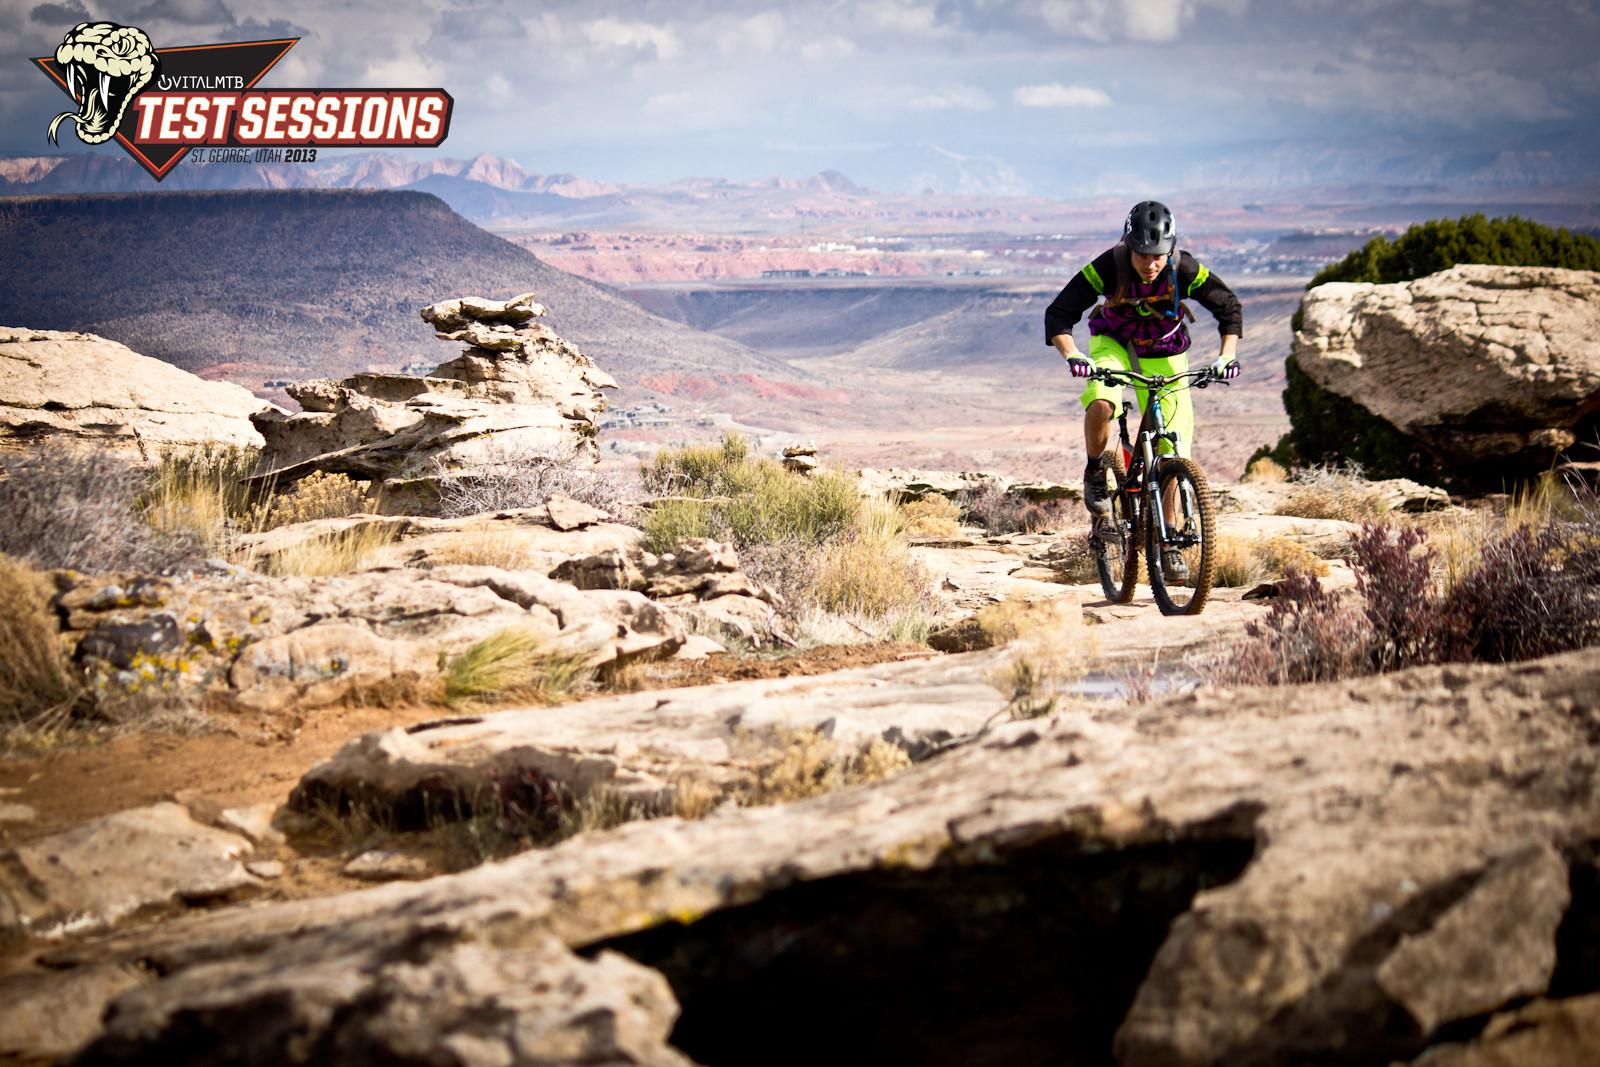 2013 Specialized Stumpjumper FSR Expert Carbon EVO - Vital MTB Test Sessions - 2013 Specialized Stumpjumper FSR Expert Carbon EVO - Vital MTB Test Sessions - Mountain Biking Pictures - Vital MTB